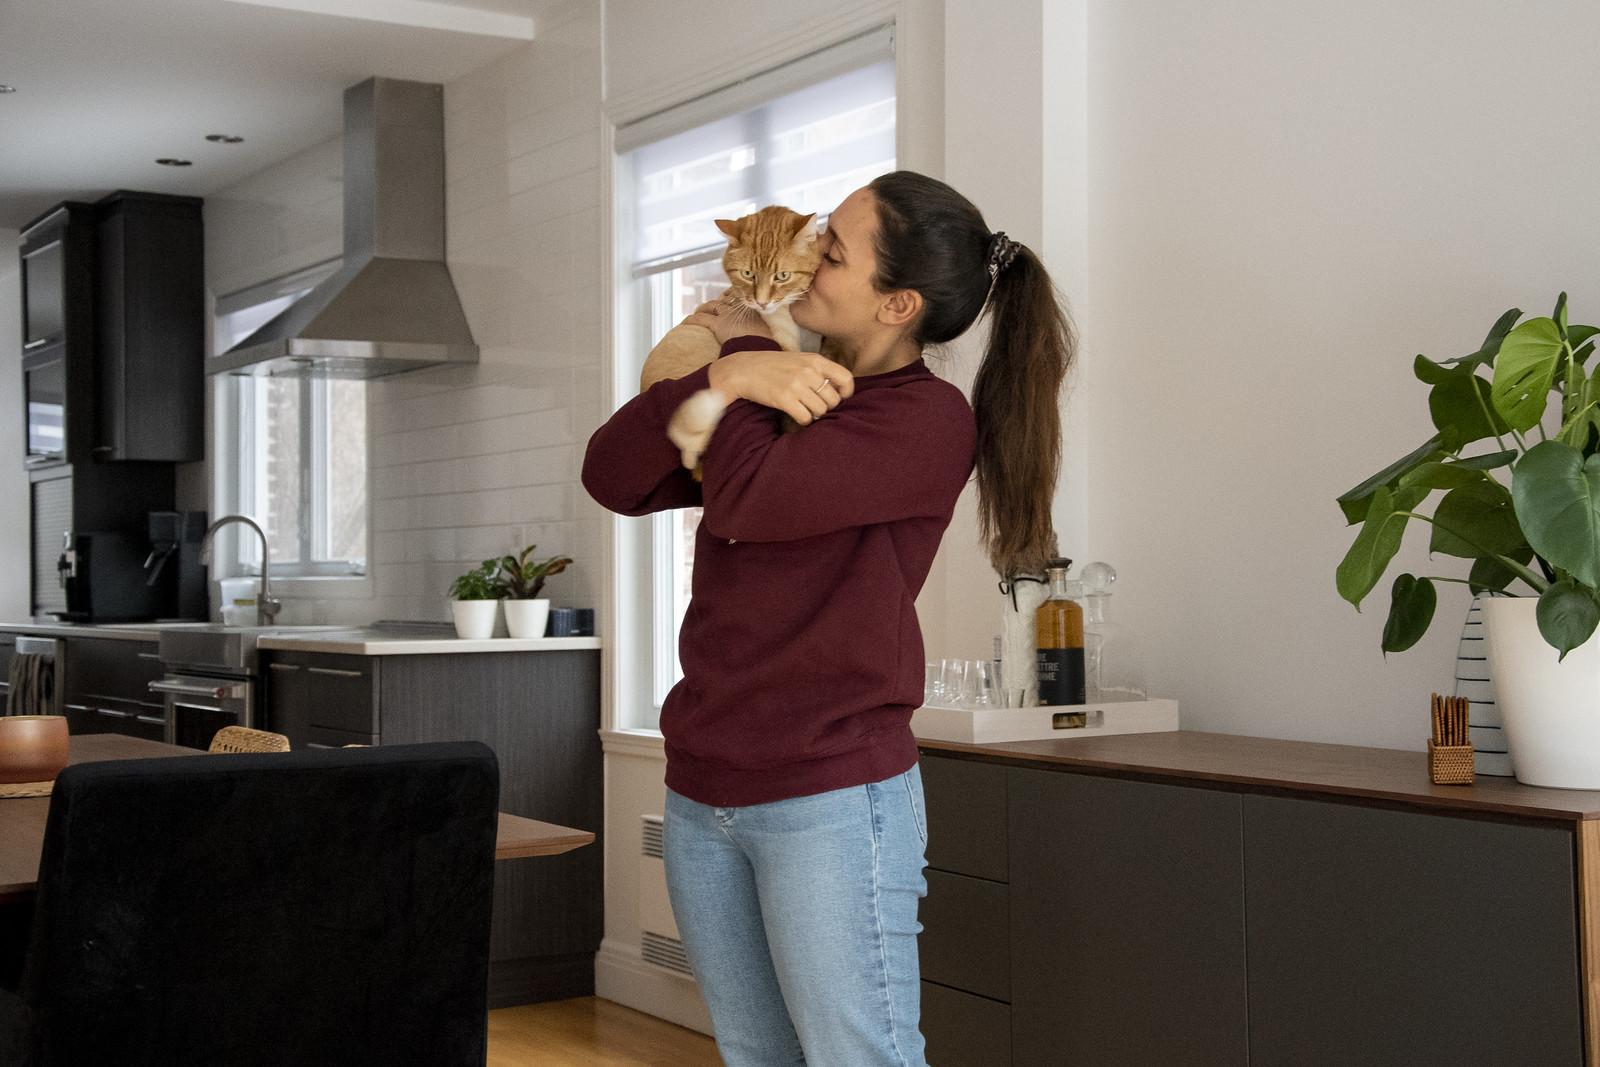 camille dg chat salle à manger mobilia